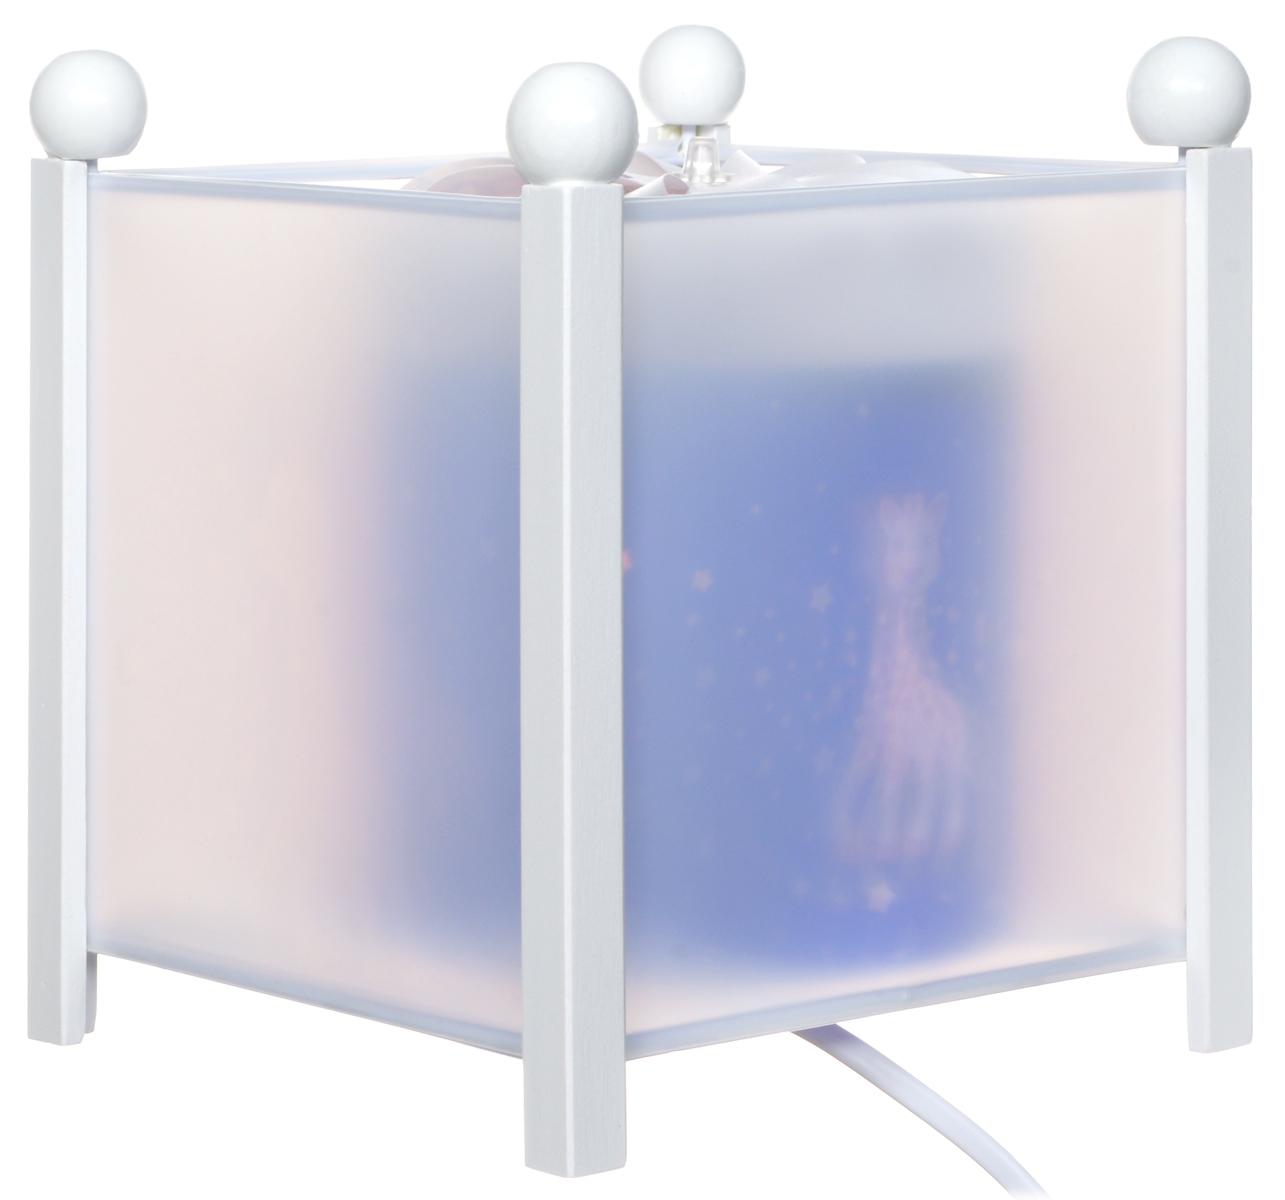 Trousselier Светильник-ночник с проектором Sophie the Giraffe4363W 12VСветильник-ночник с проектором Trousselier Sophie the Giraffe - идеальный аксессуар для детской комнаты. Нежный свет и красочные картинки с веселыми жирафами создадут атмосферу уюта, успокоят и убаюкают кроху. Вы можете подобрать картинку, а также музыкальную подставку с подзаводом (опция). Ночник с двойной функцией - вращающаяся картинка внутри, либо как проектор на стену. Цилиндр ночника вращается благодаря системе нагрева от лампочки 12V-10W, цоколь E 14. Тип розетки: C. Соответствует нормам безопасности: CE EN 60598-2-10. Материал: металл, дерево, жароустойчивый пластик. В комплект входит светильник, сетевой адаптер.